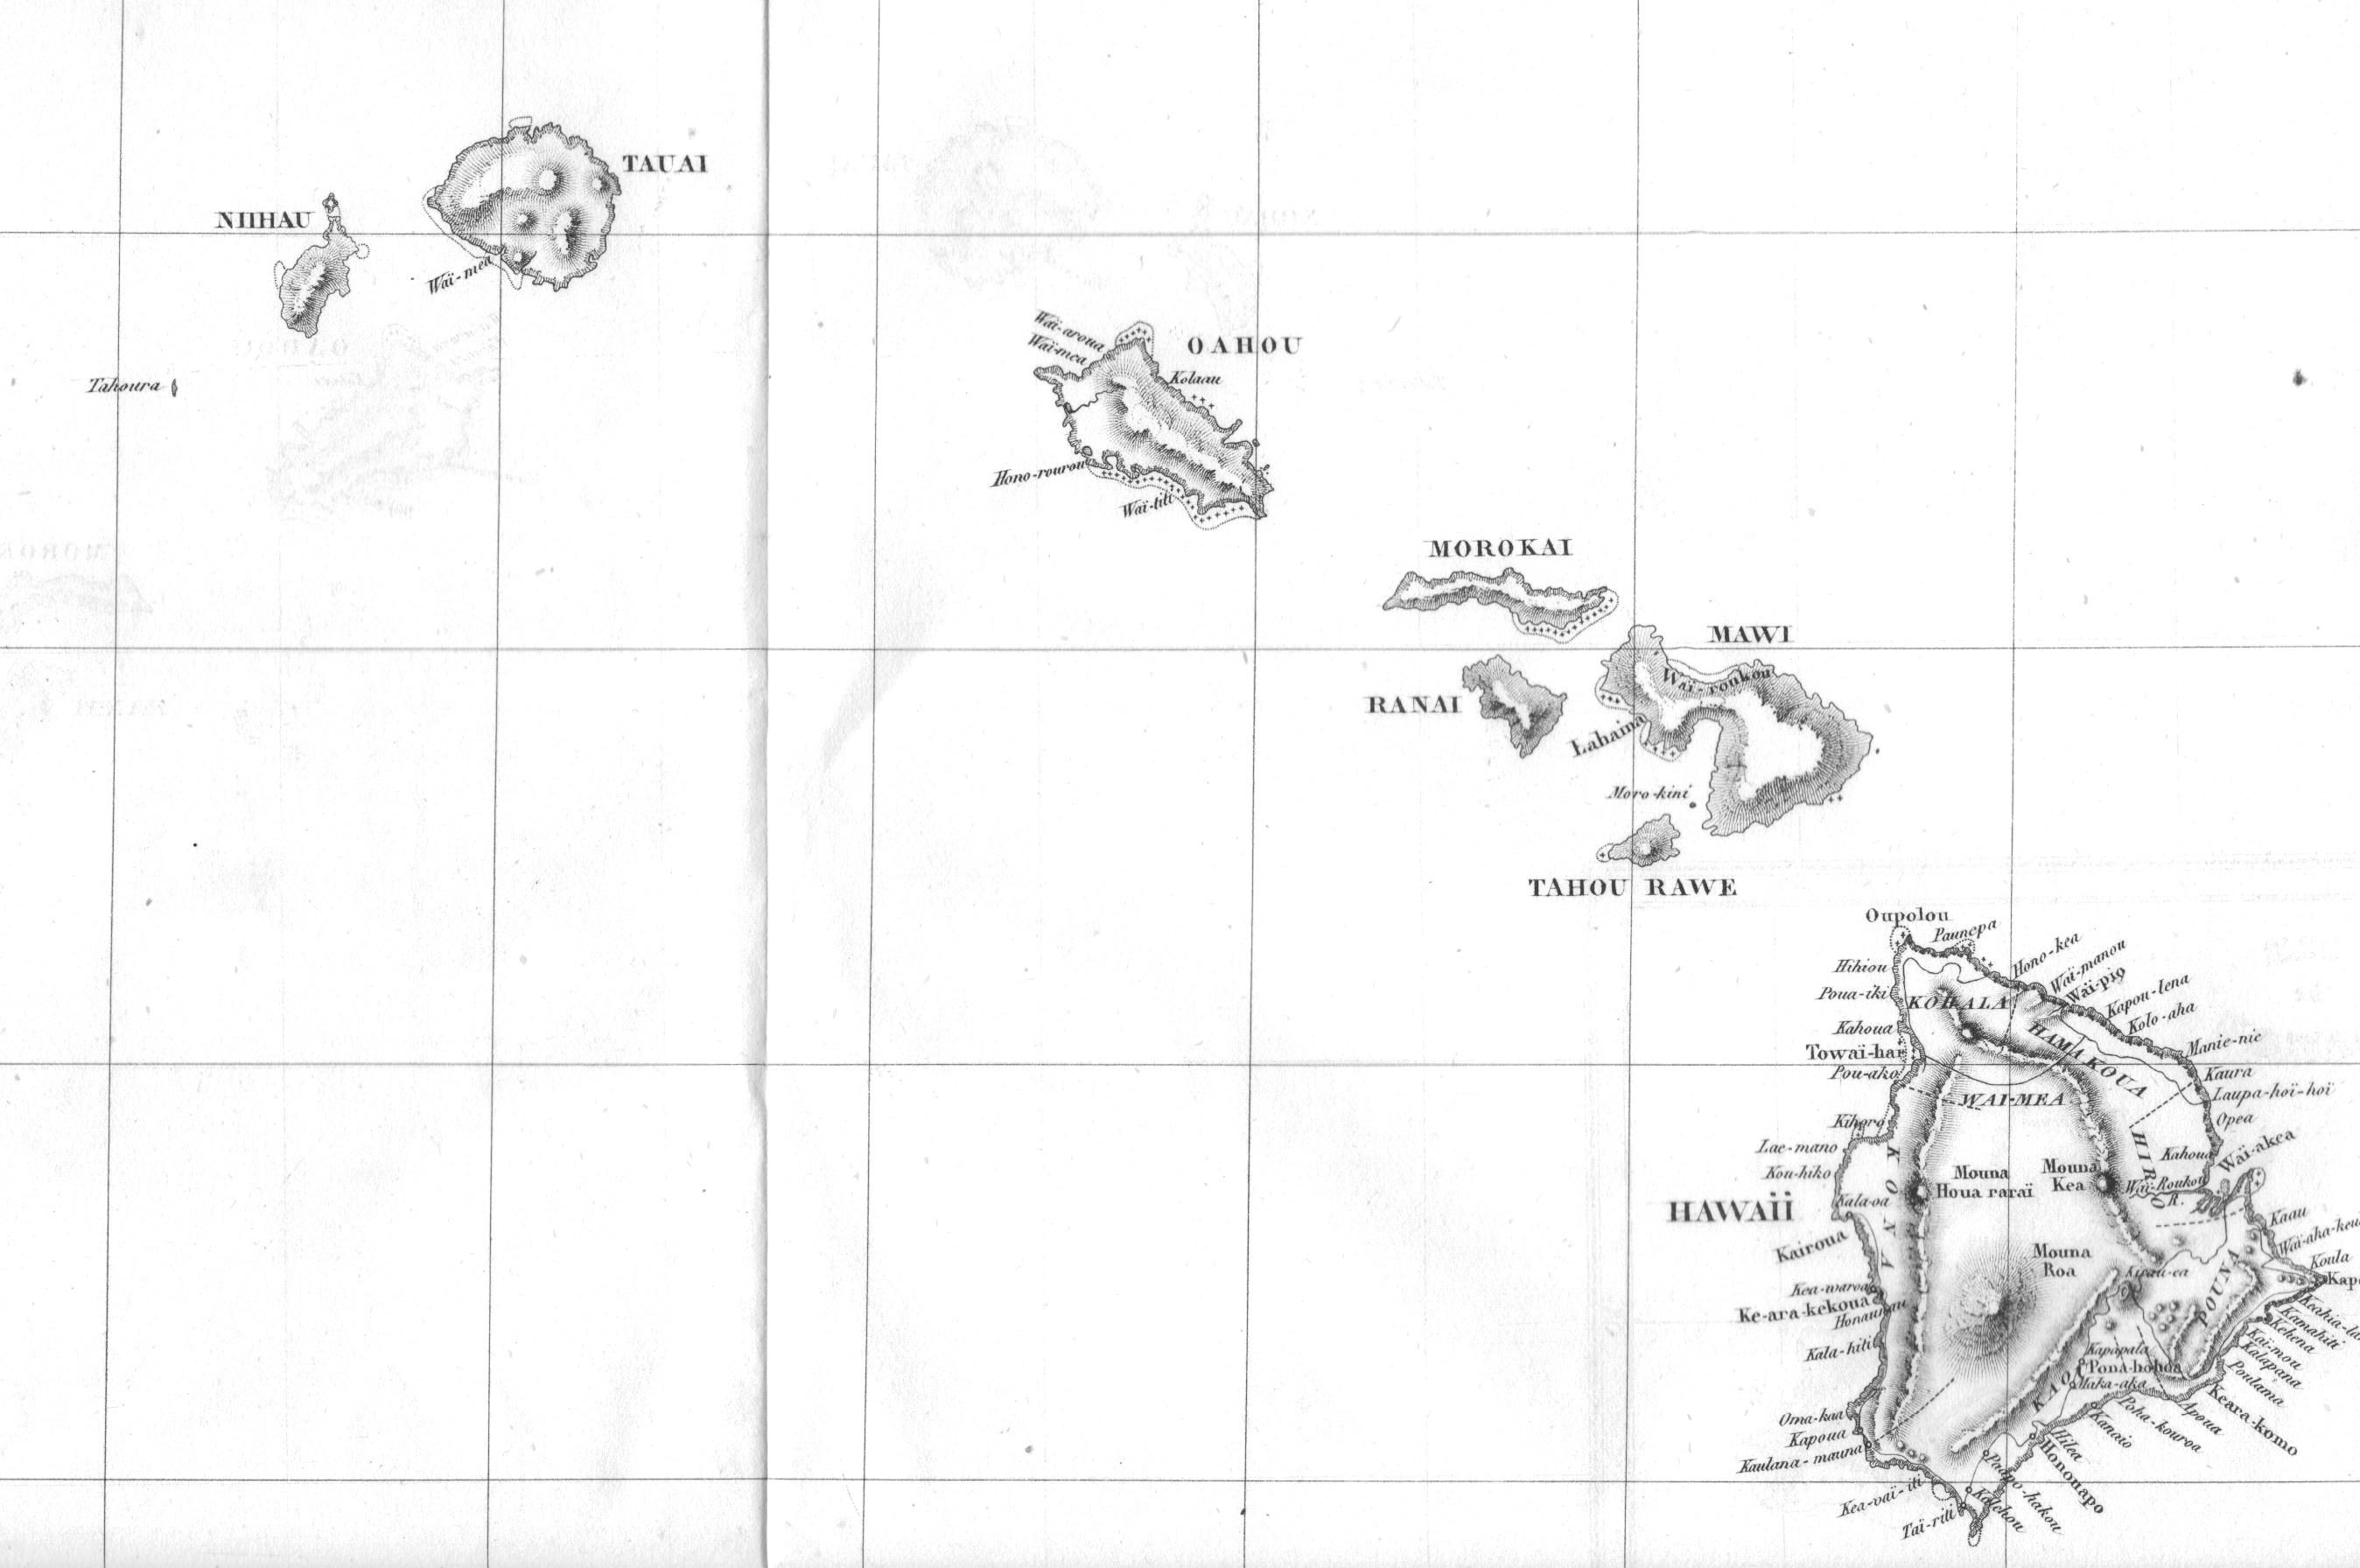 Une ancienne carte de l'archipel hawaiien.